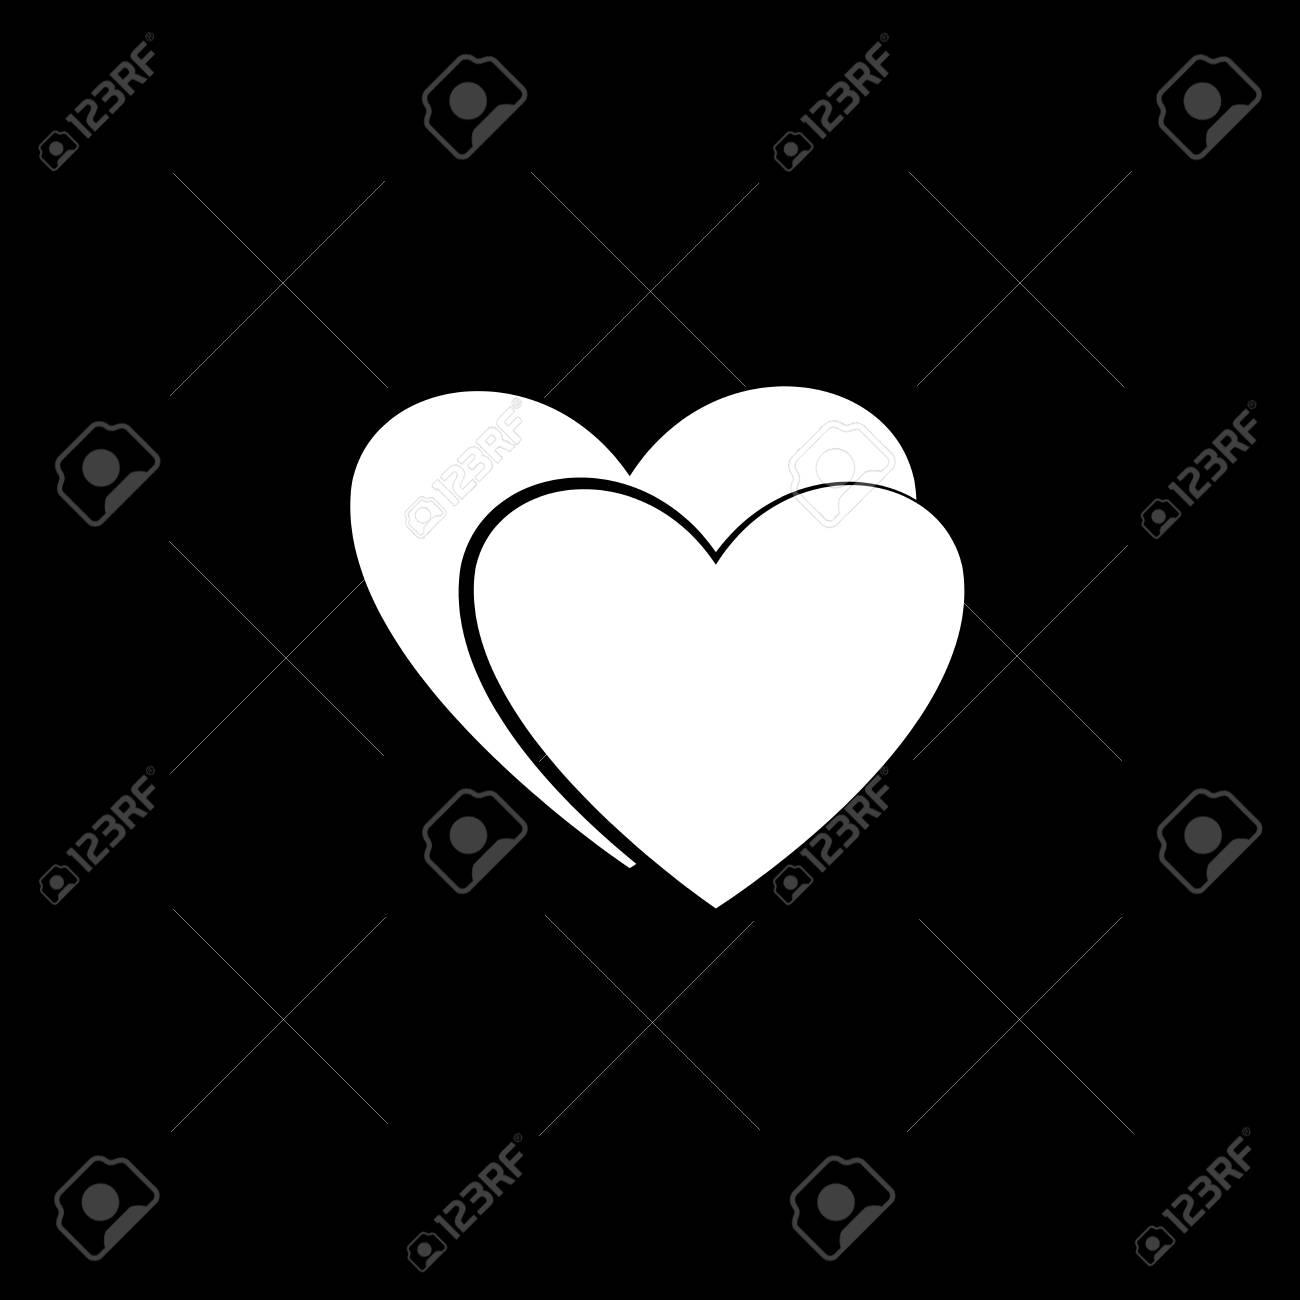 Icône De Couple Coeur Blanc Icône Isolé Amour Romantique Symbole Monochrome Du Jour De La Saint Valentin élément De Conception Illustration